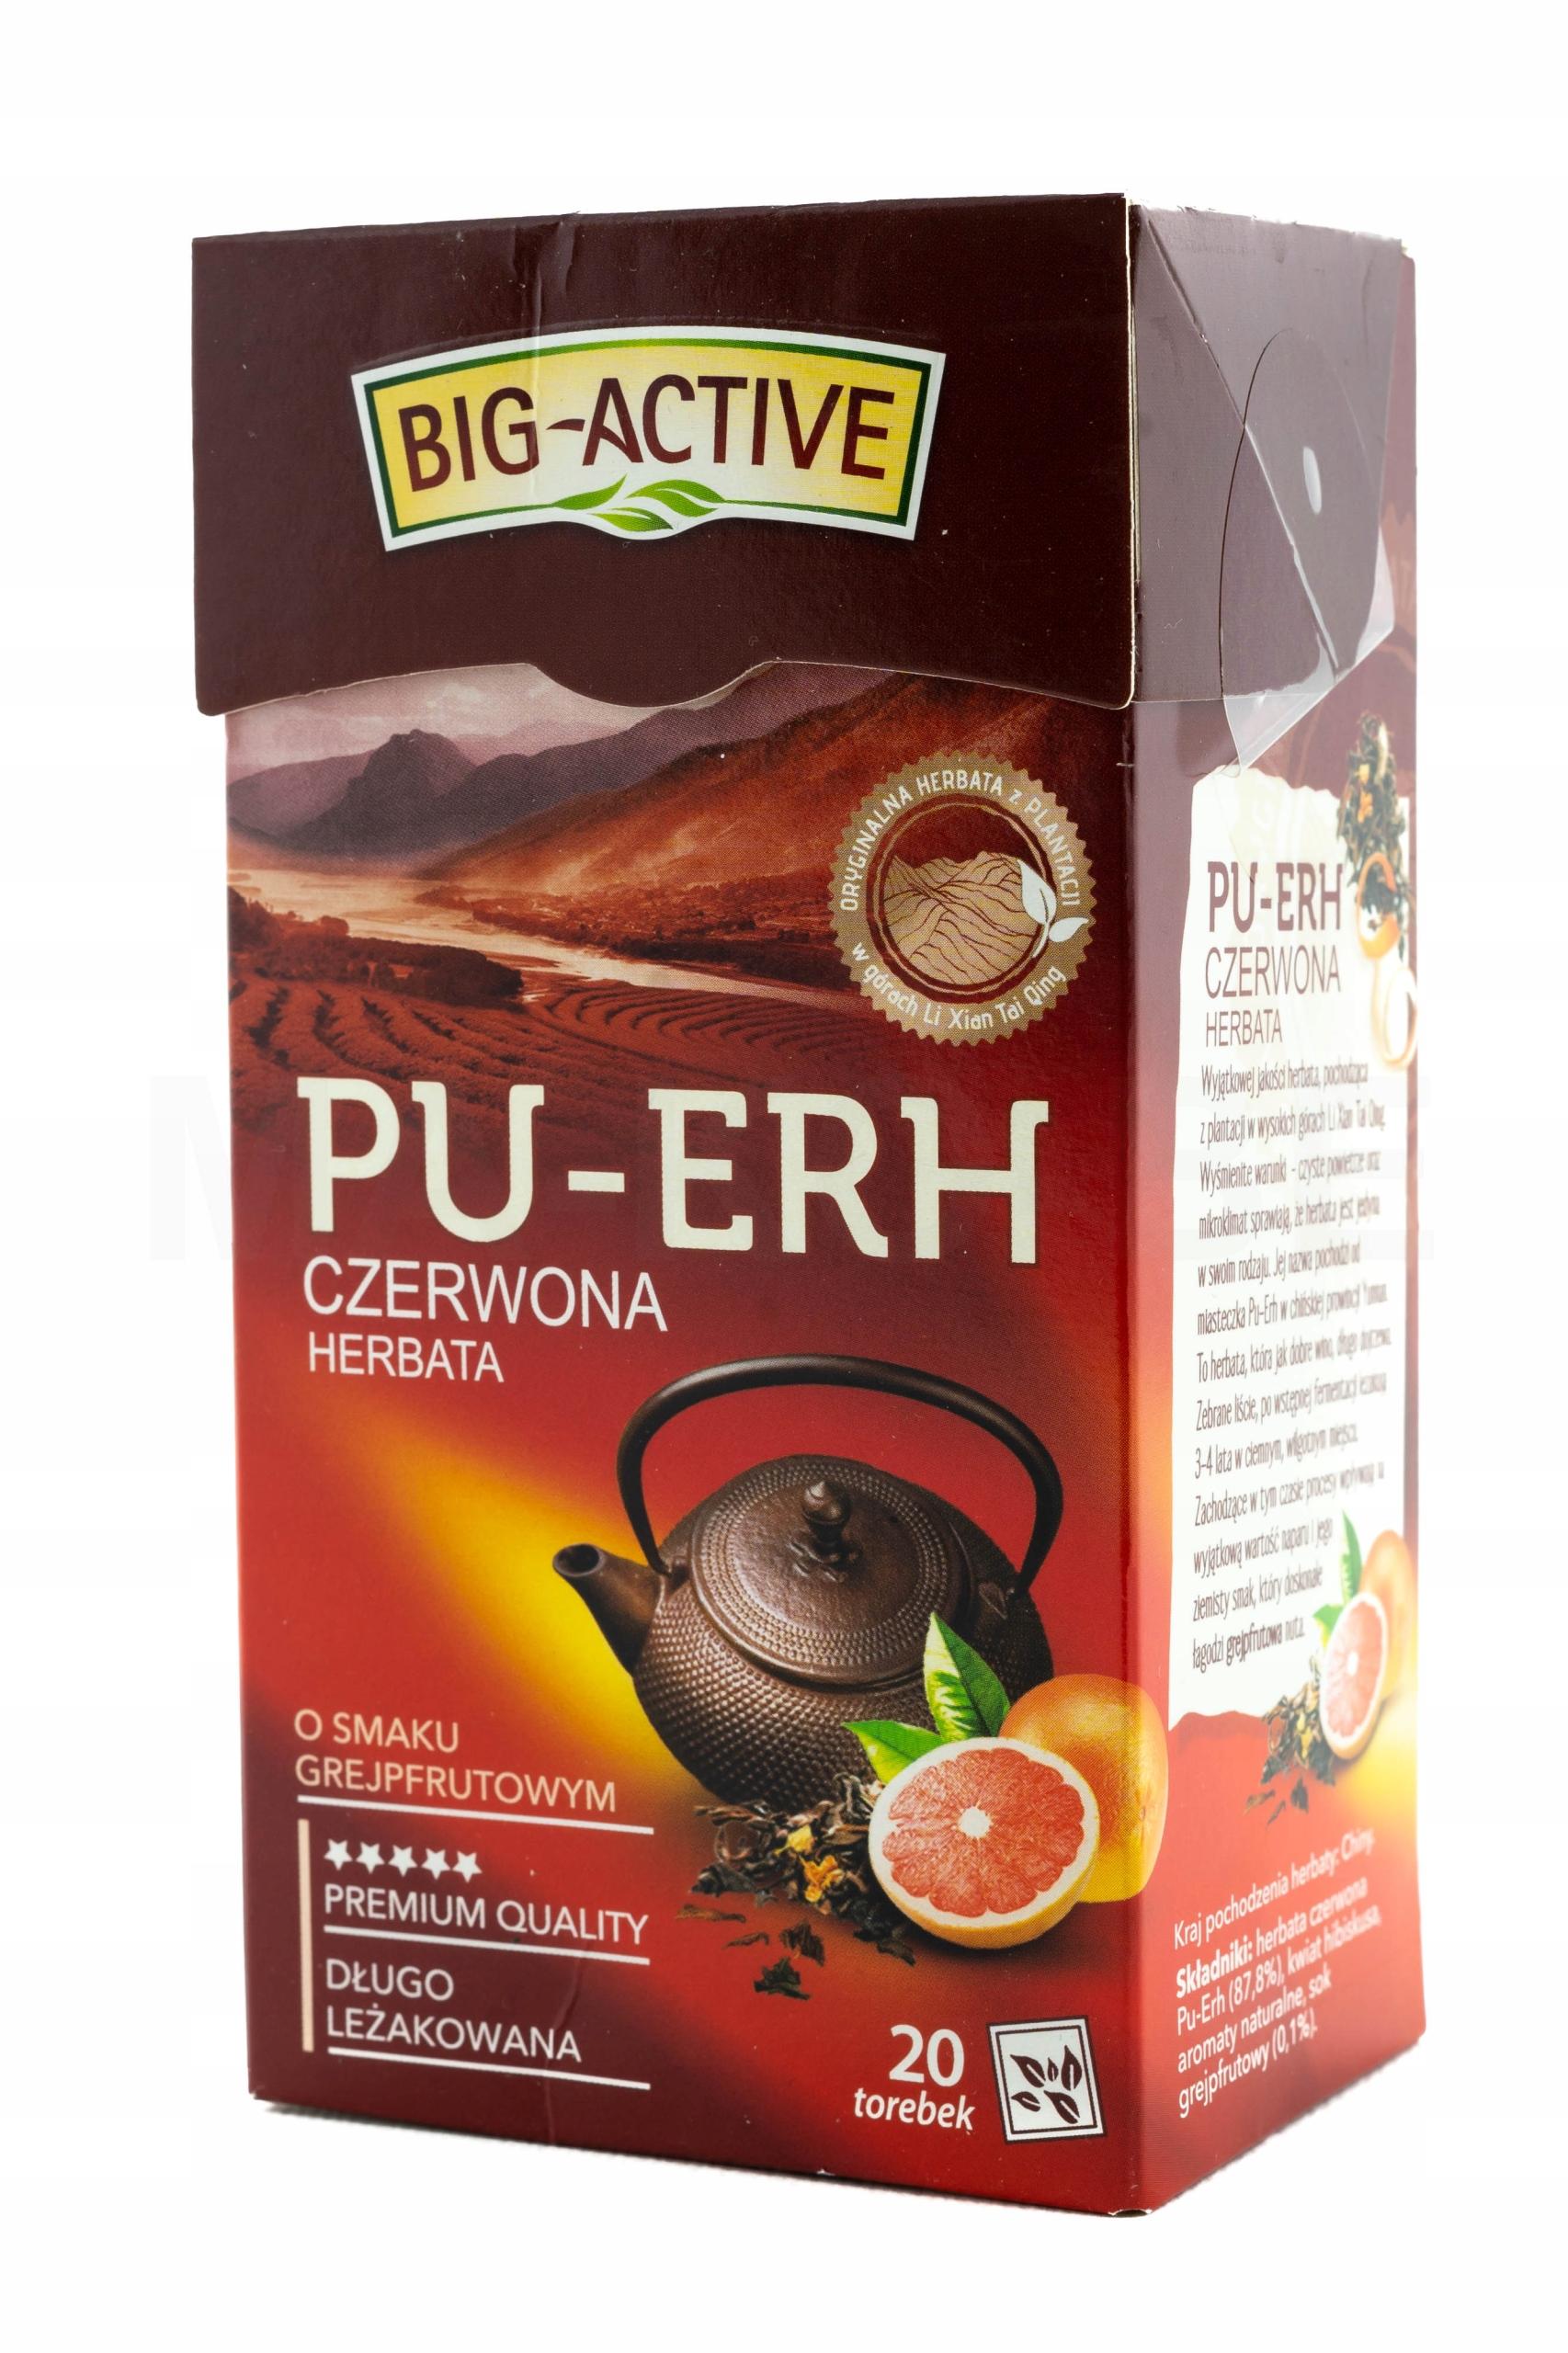 Big Active - красный - грейпфрут пуэр 20TB